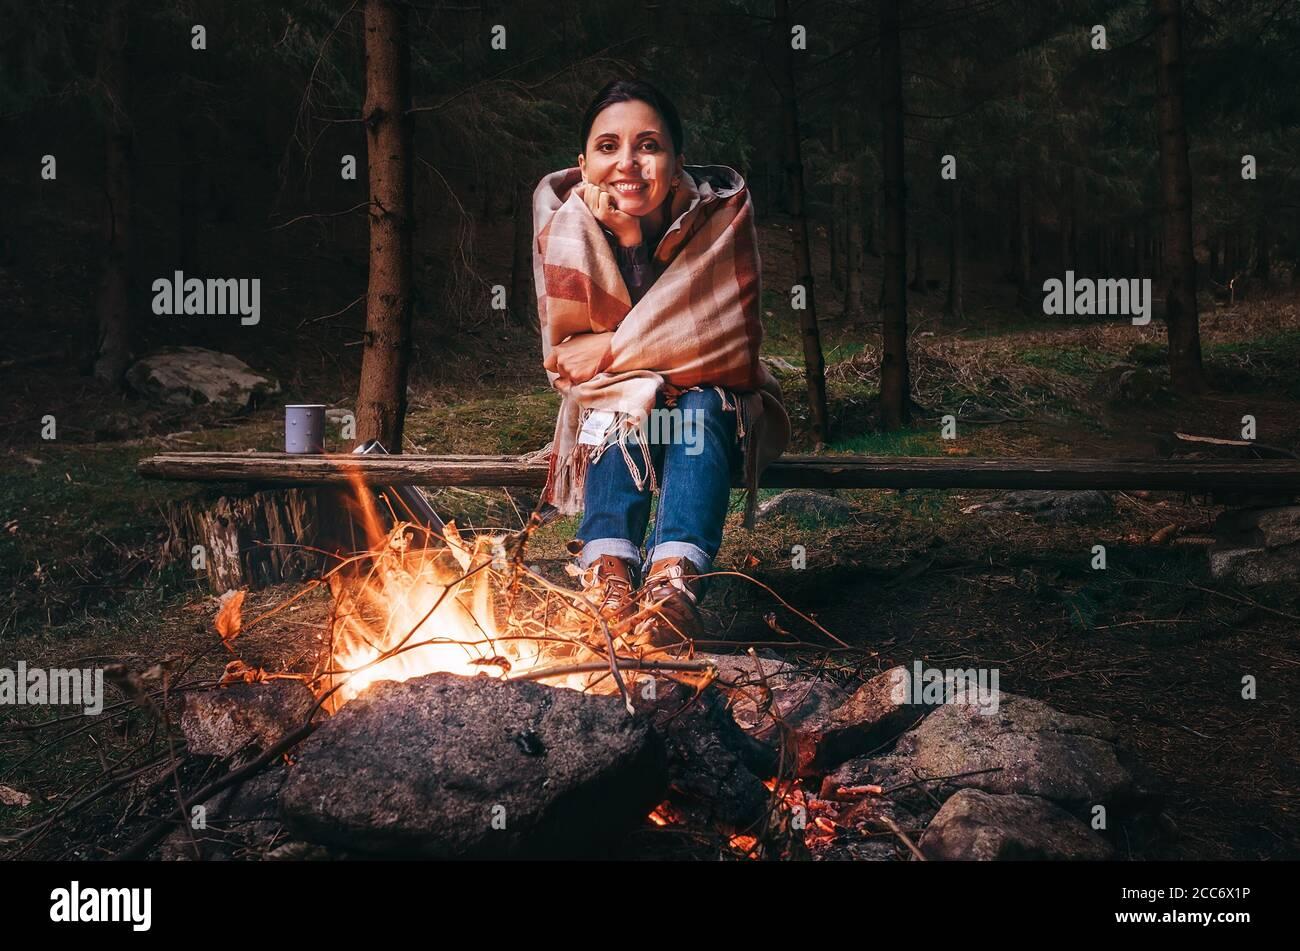 Una joven muy sonriente se sienta cerca de la fogata en el crepúsculo bosque de otoño Foto de stock